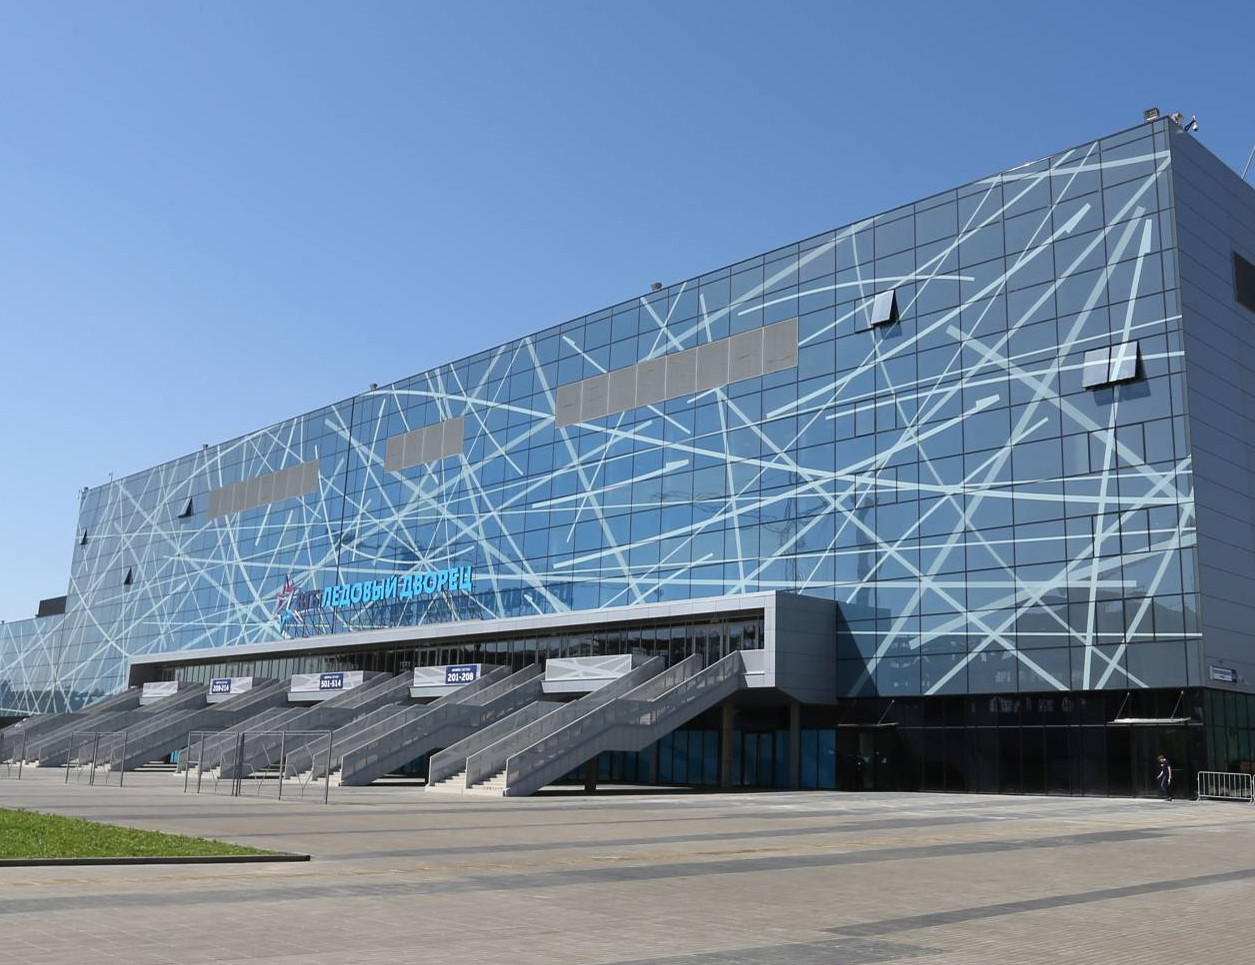 «Финал Четырех» пройдет в Москве на арене ВТБ Ледовый Дворец